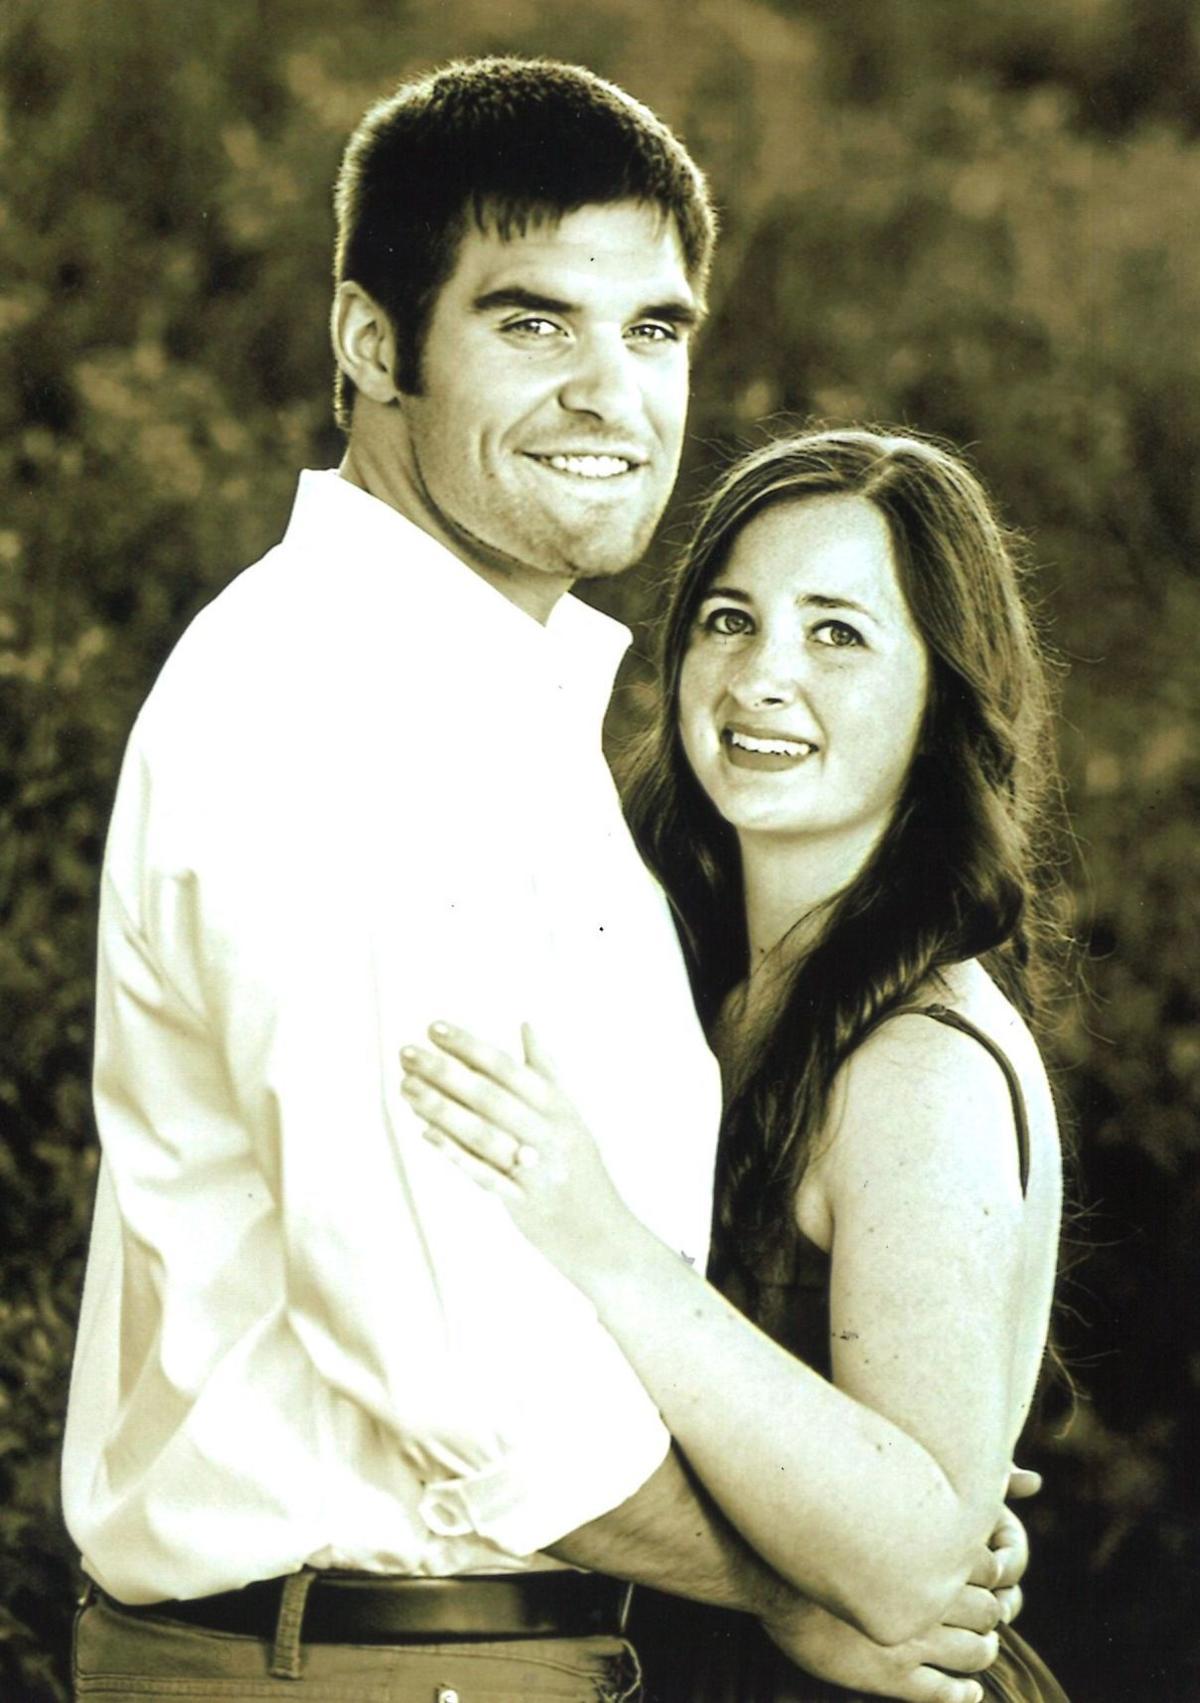 Edward Wetzel III and Lauren Johnson